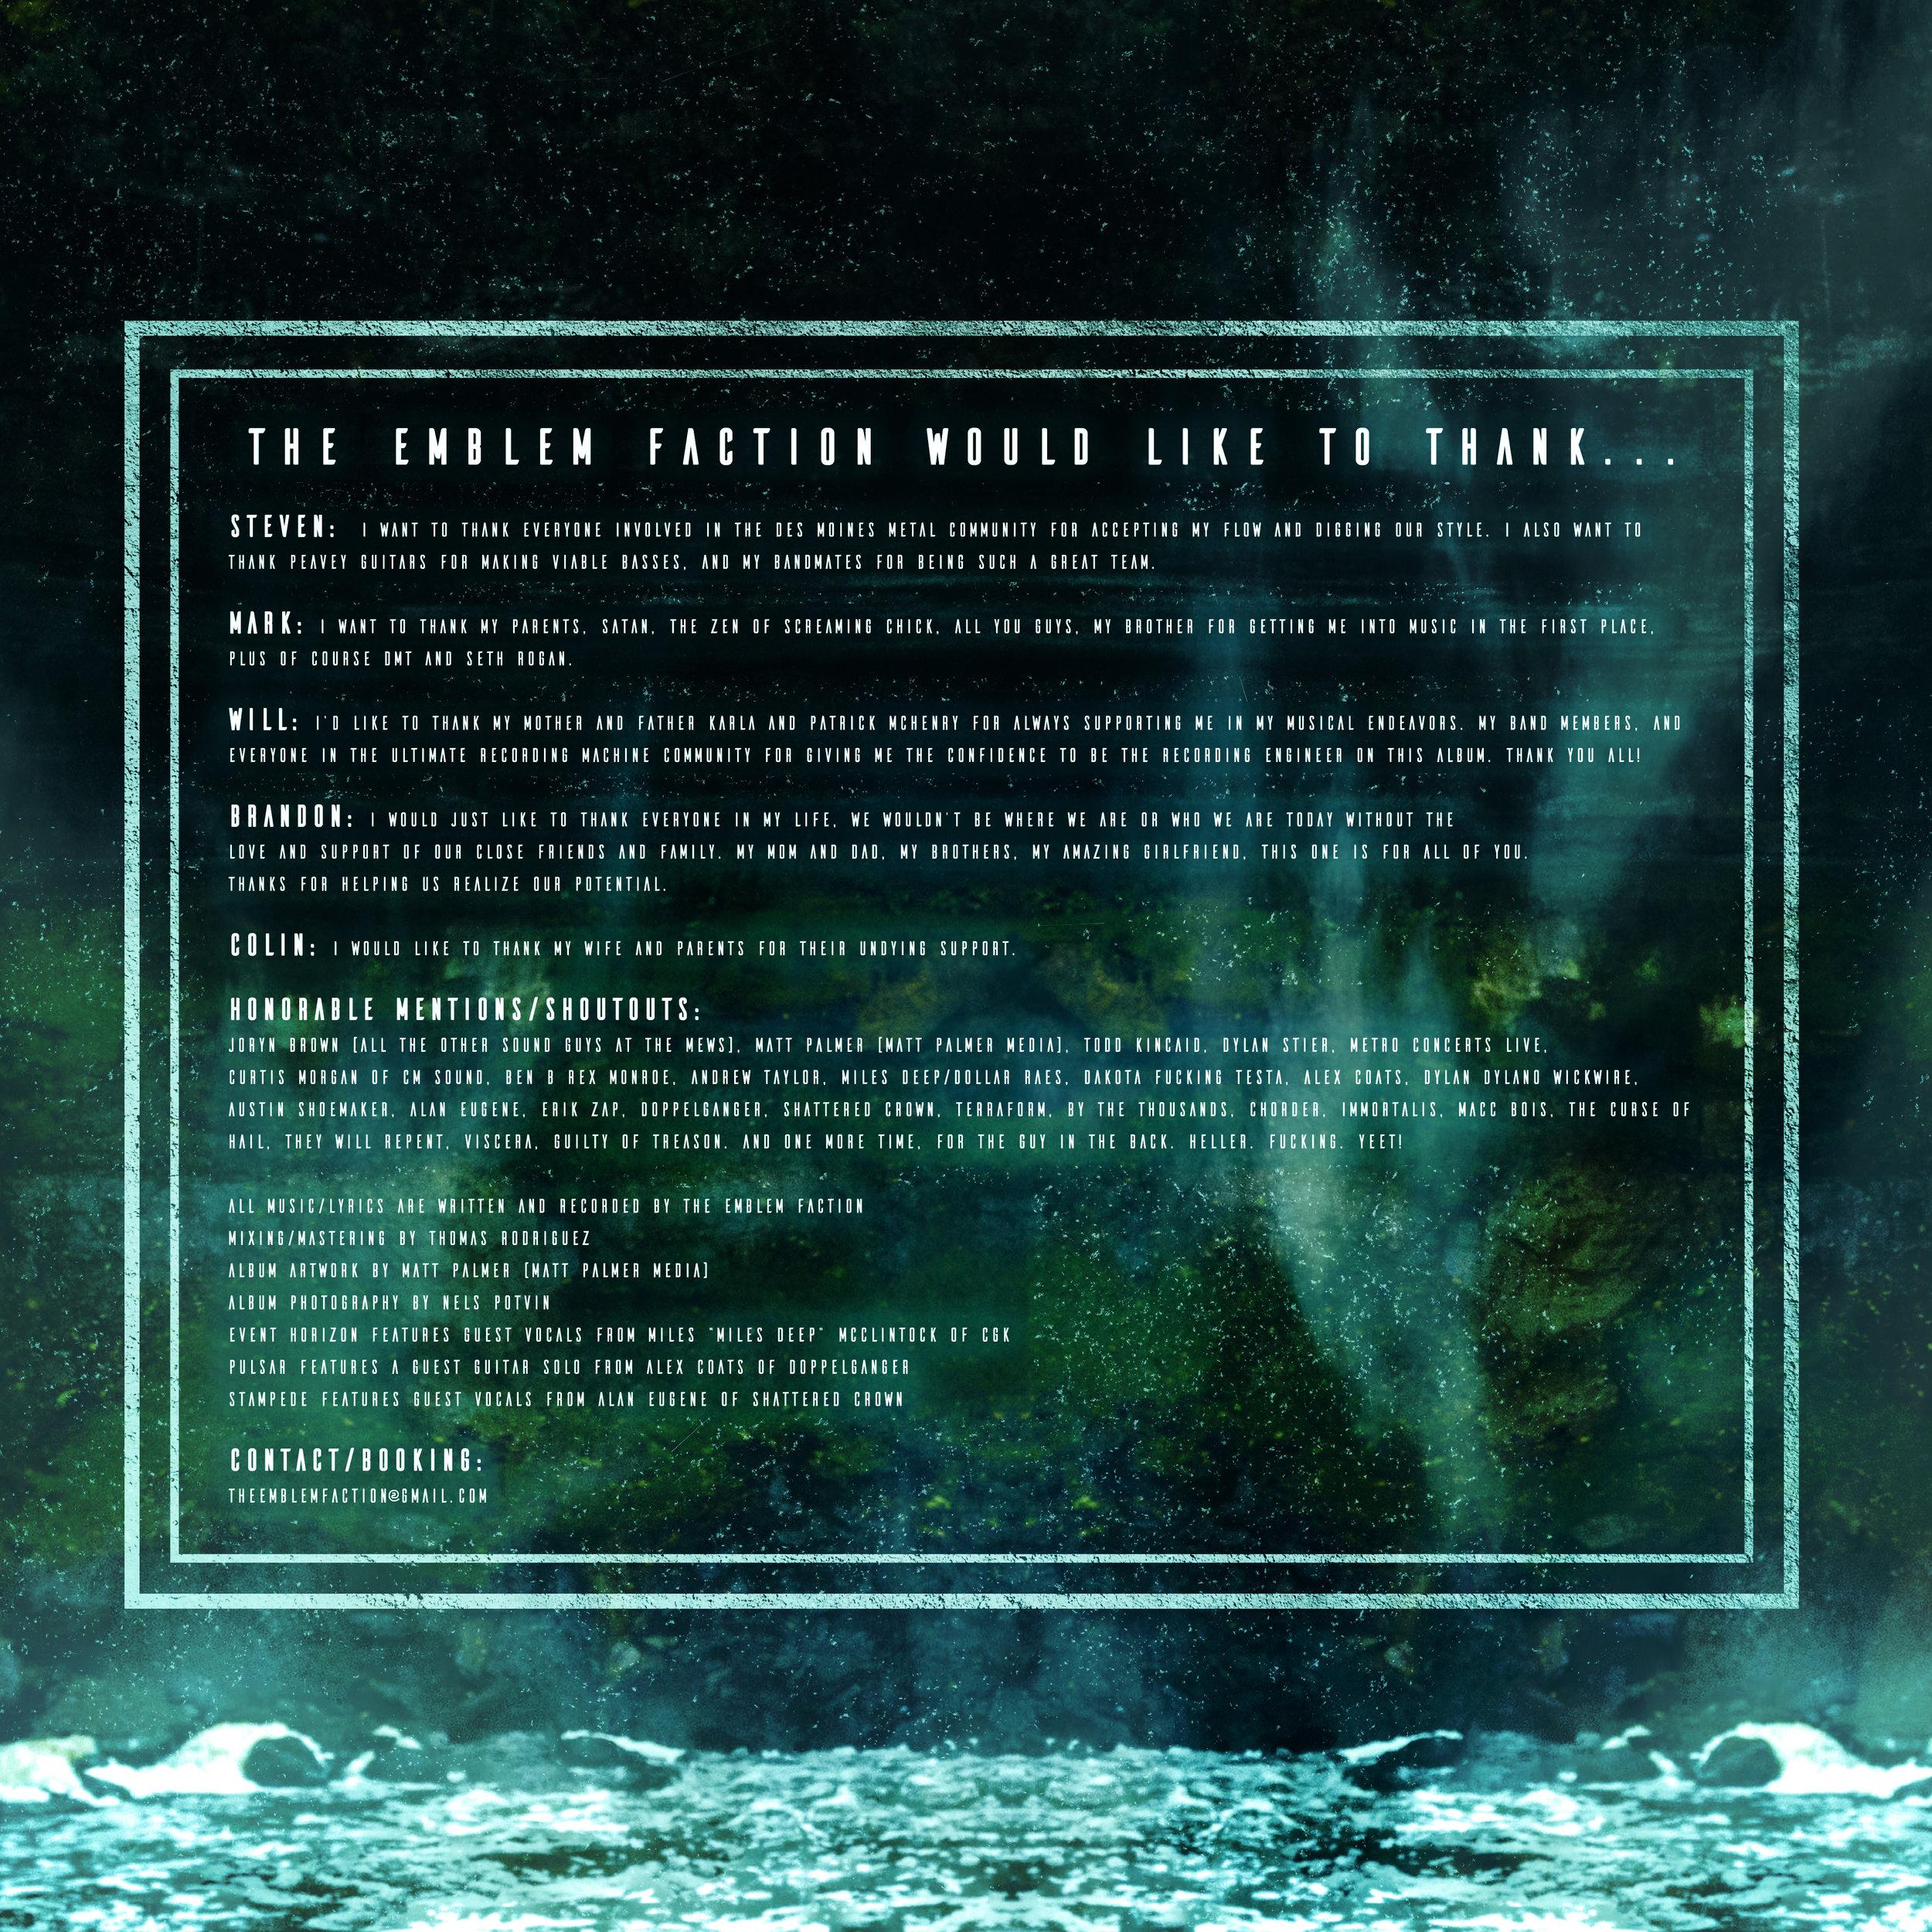 Emblem Faction Album Artwork - Insert 2 Credits Final.jpg